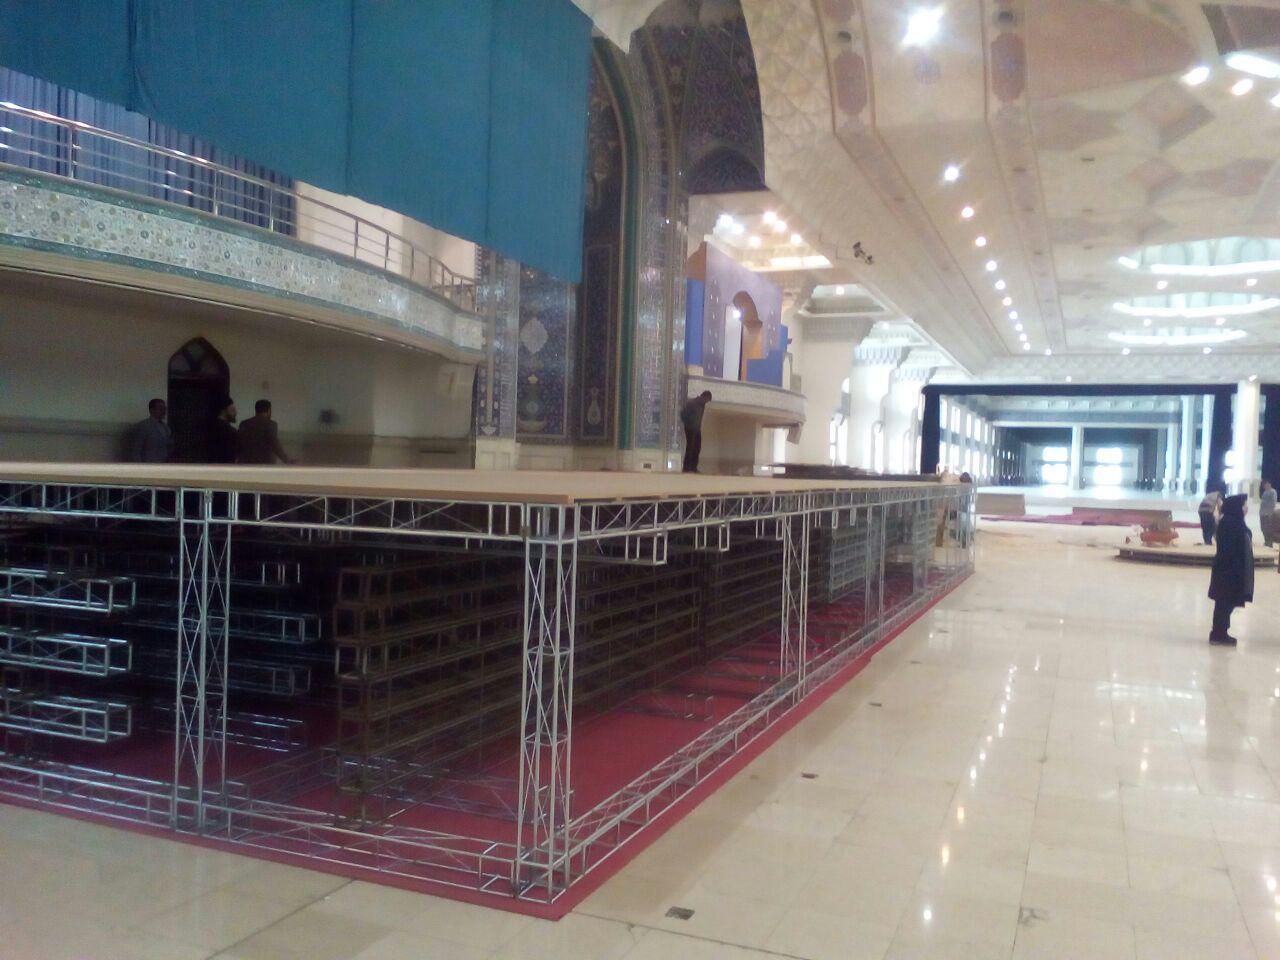 اسامی برگزیدگان آزمون حفظ و مفاهیم قرآن کریم در بزرگترین رویداد قرآن اعلام میشود/ آماده سازی مصلی تهران برای برگزاری مسابقات قرآن